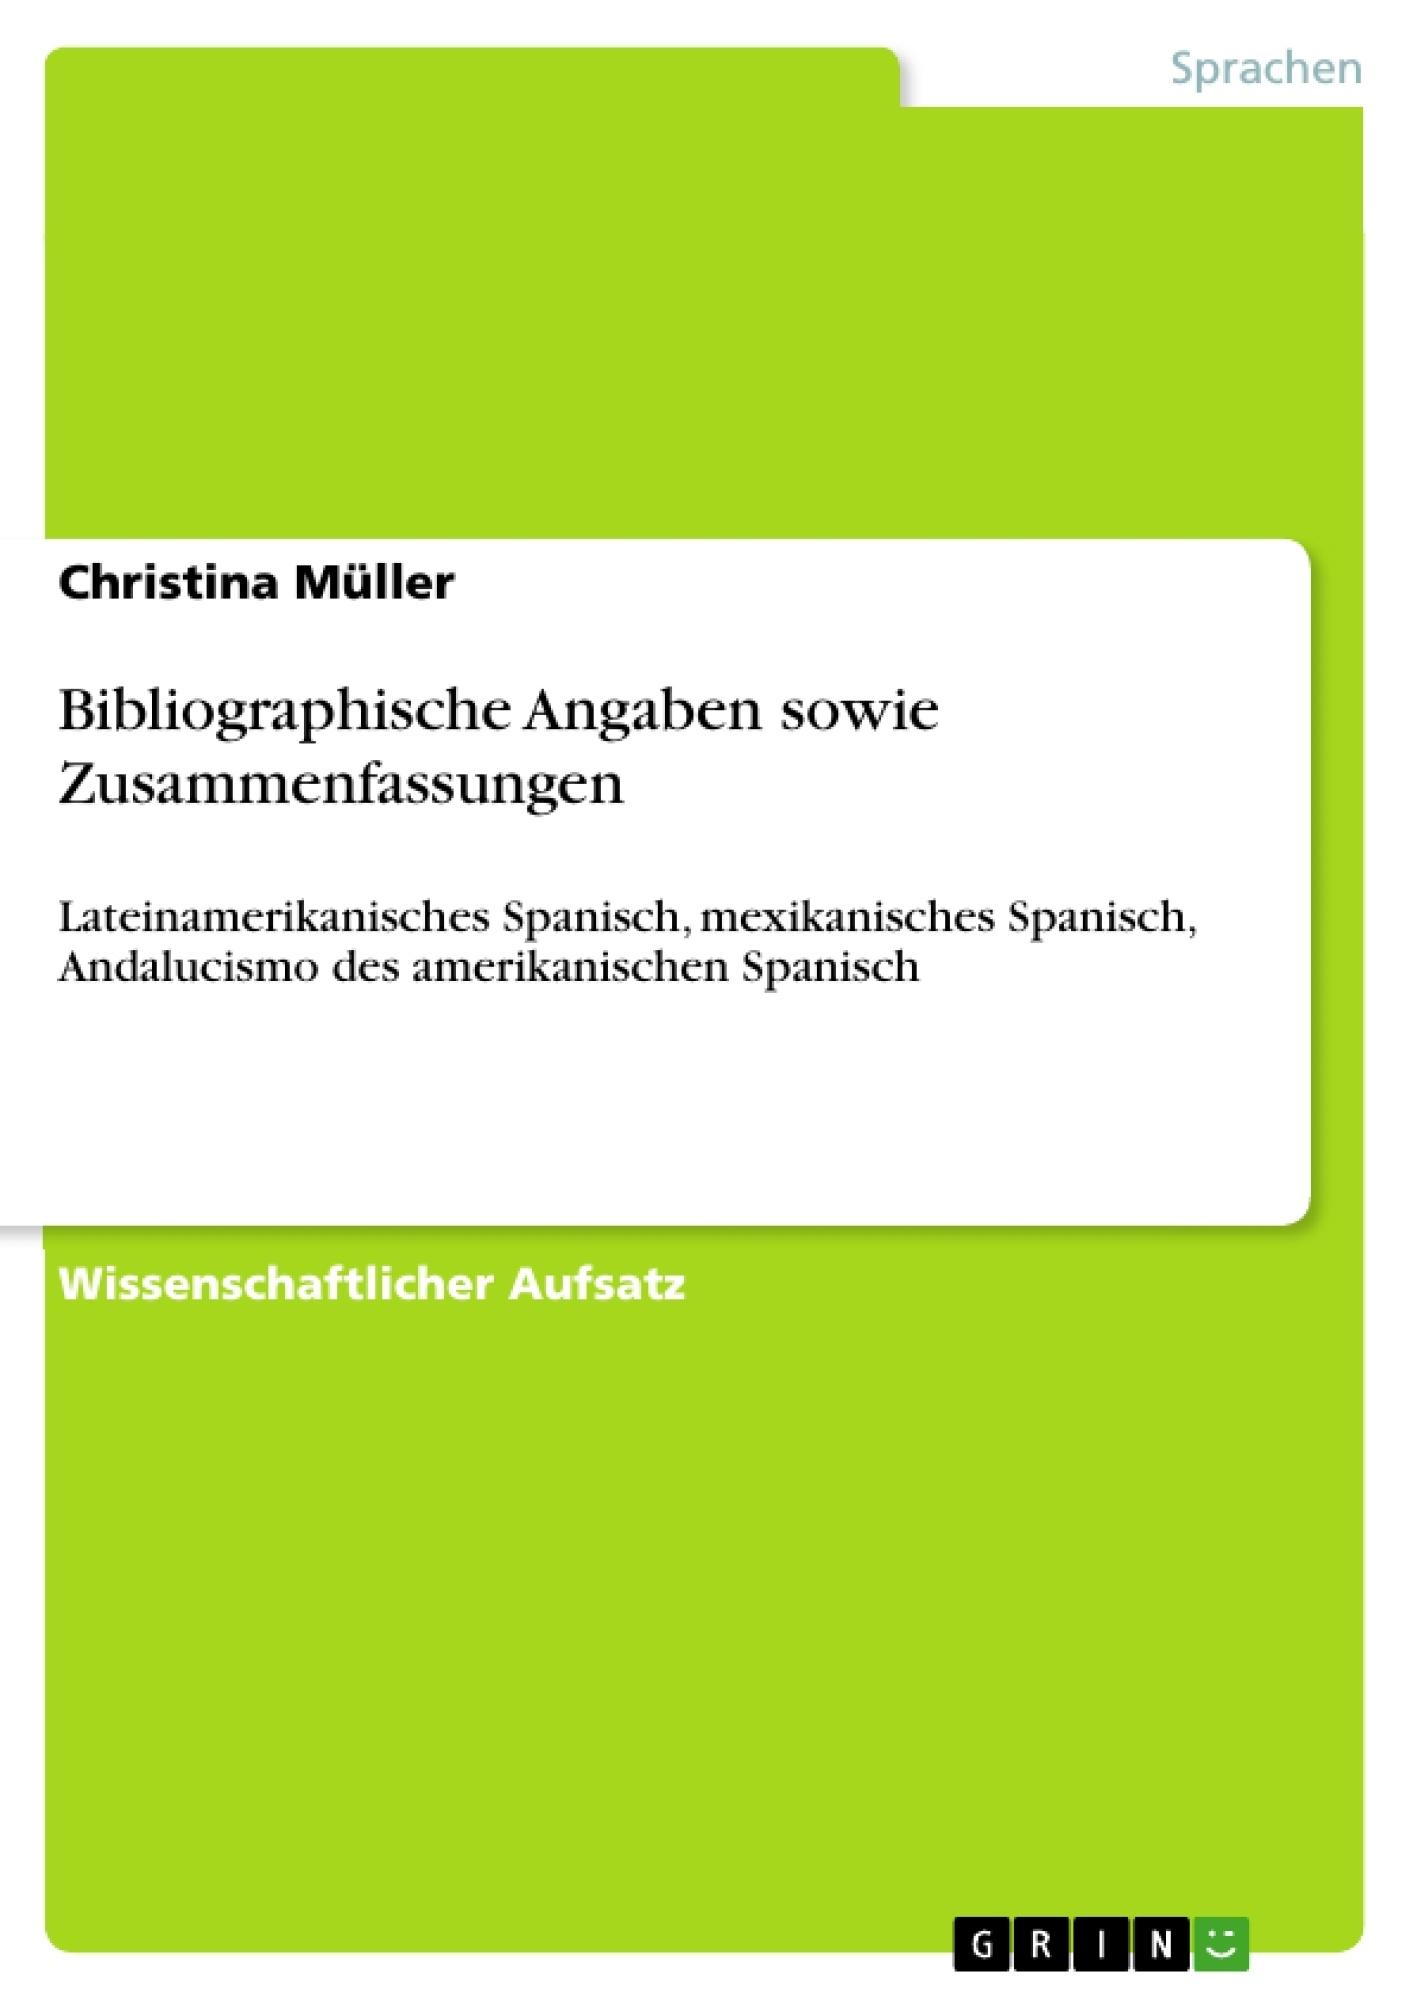 Titel: Bibliographische Angaben sowie Zusammenfassungen